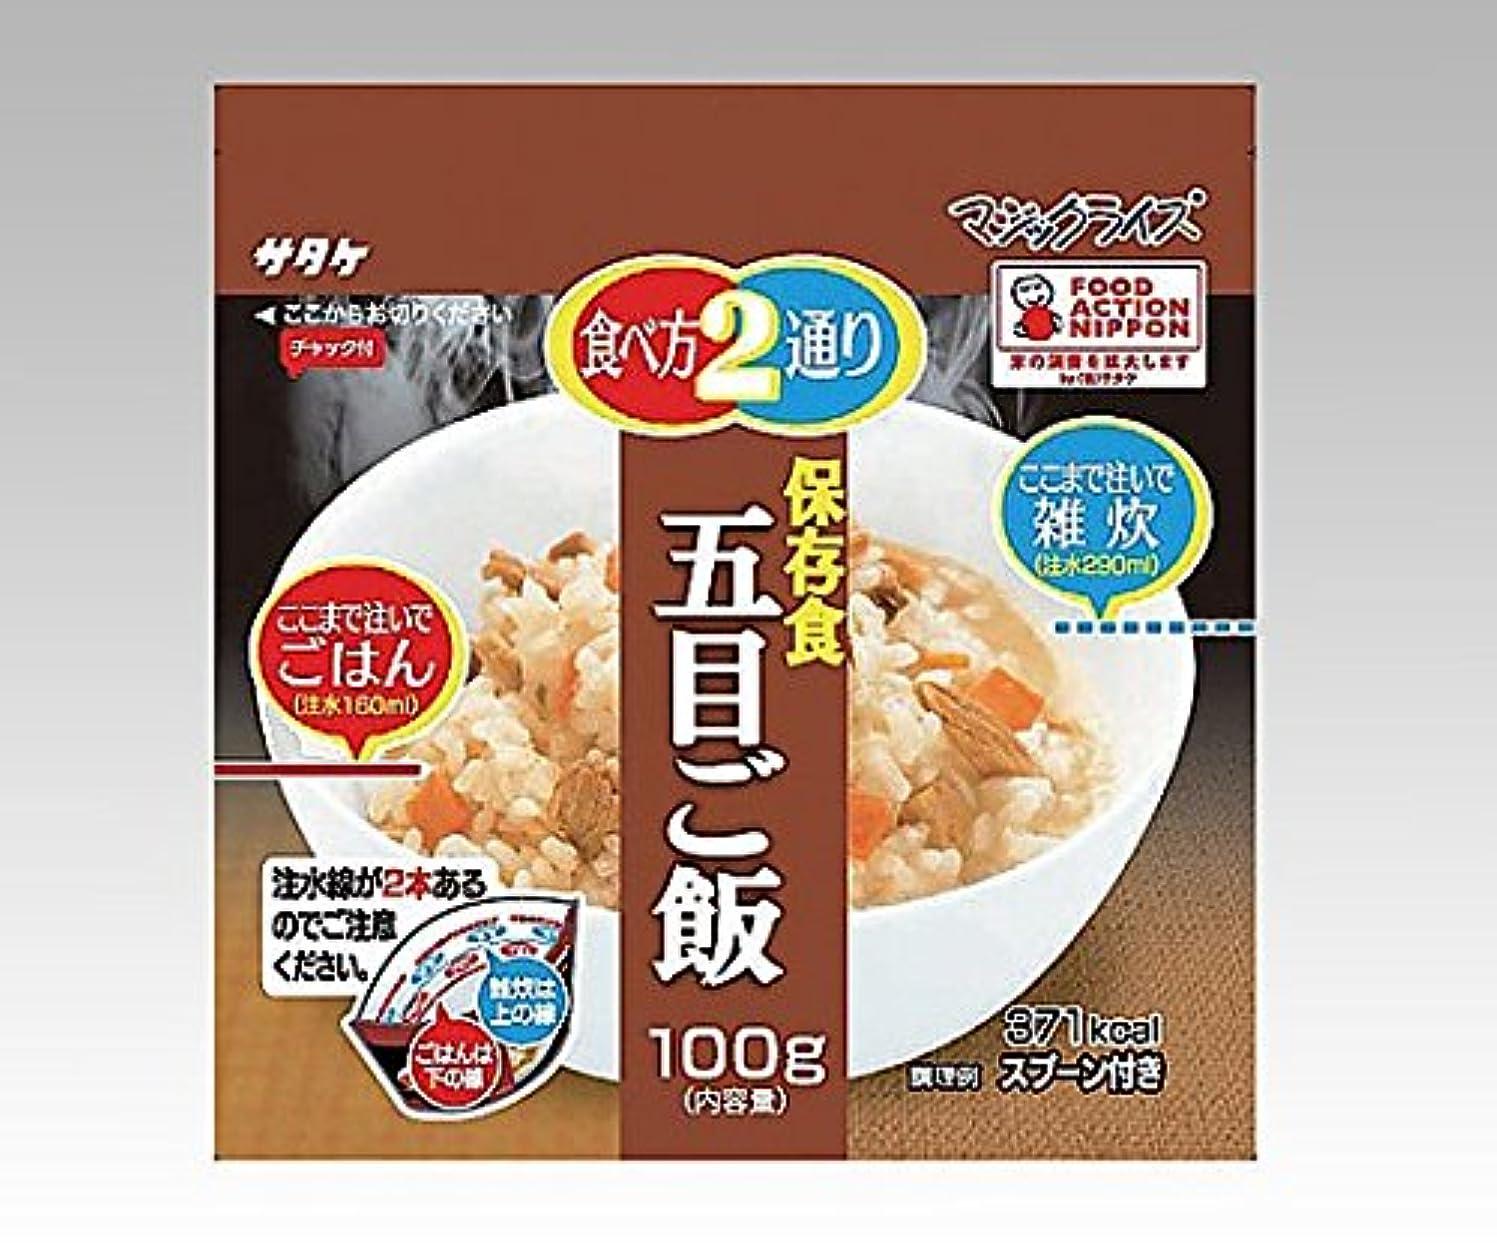 中断ばかげている視聴者8-2802-03非常用食品(五目ご飯/50食分)